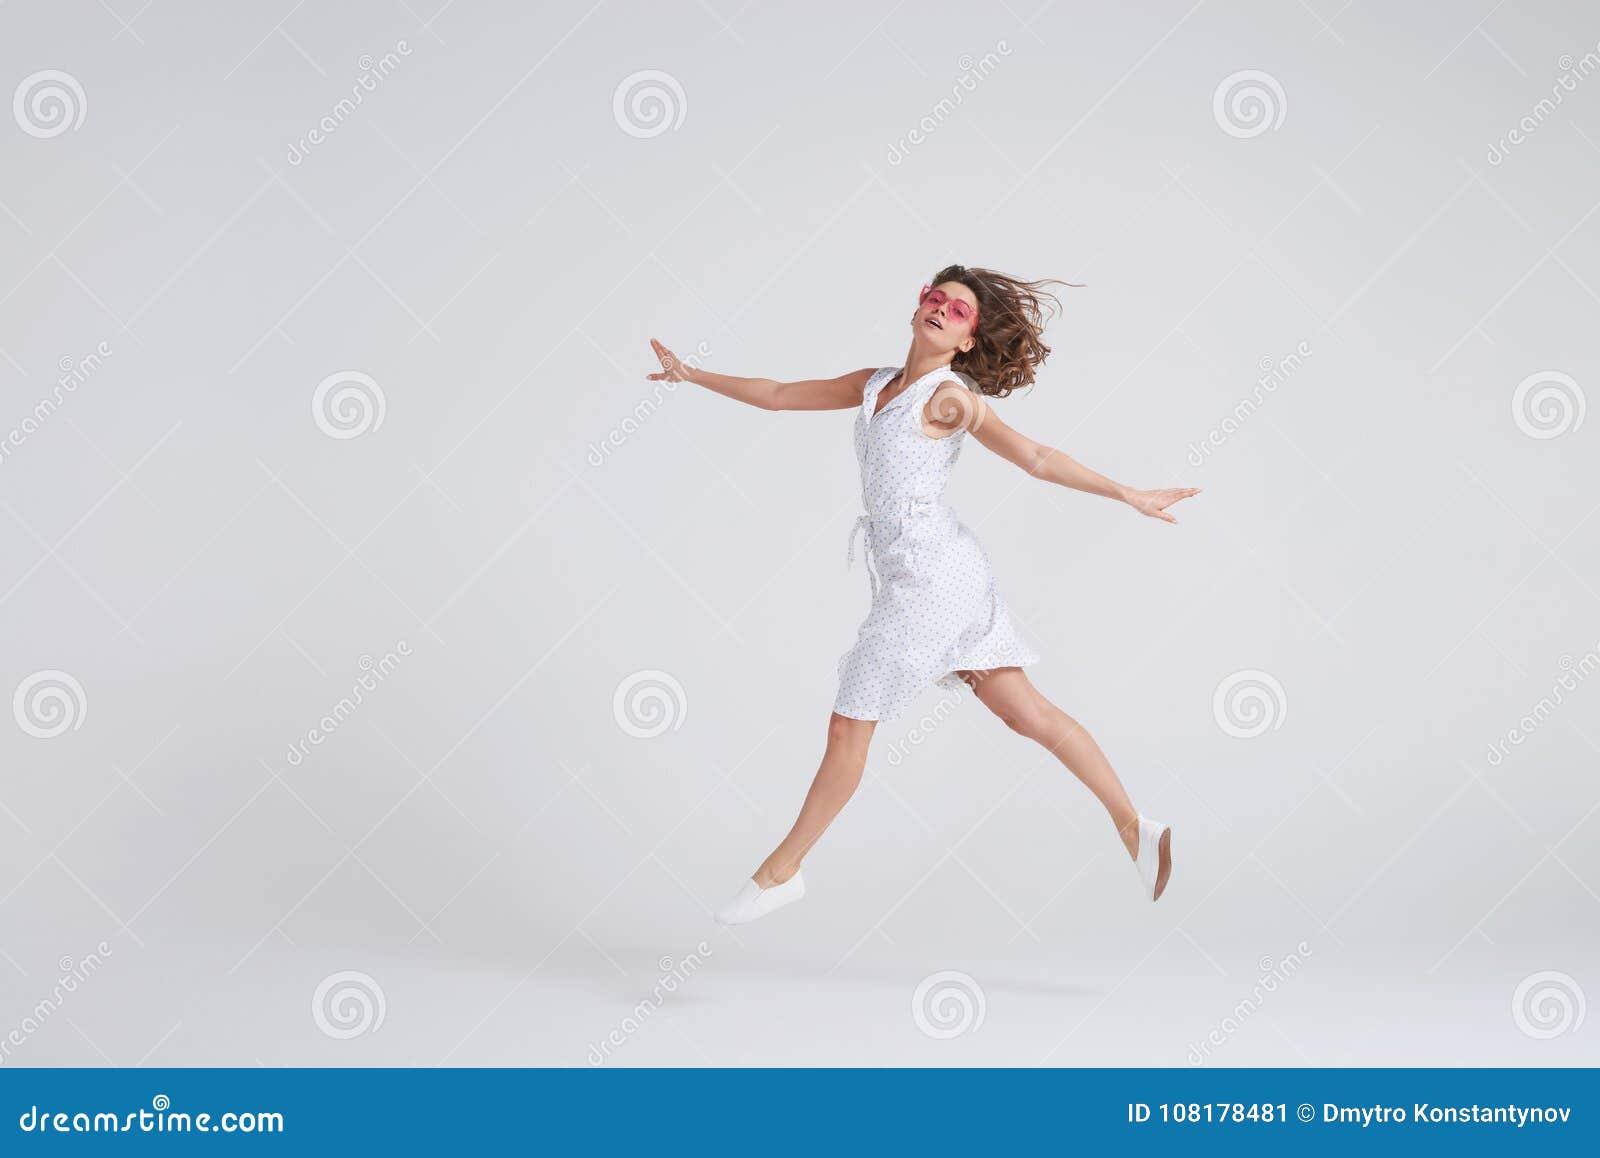 Ragazza allegra che salta in aria sopra fondo bianco